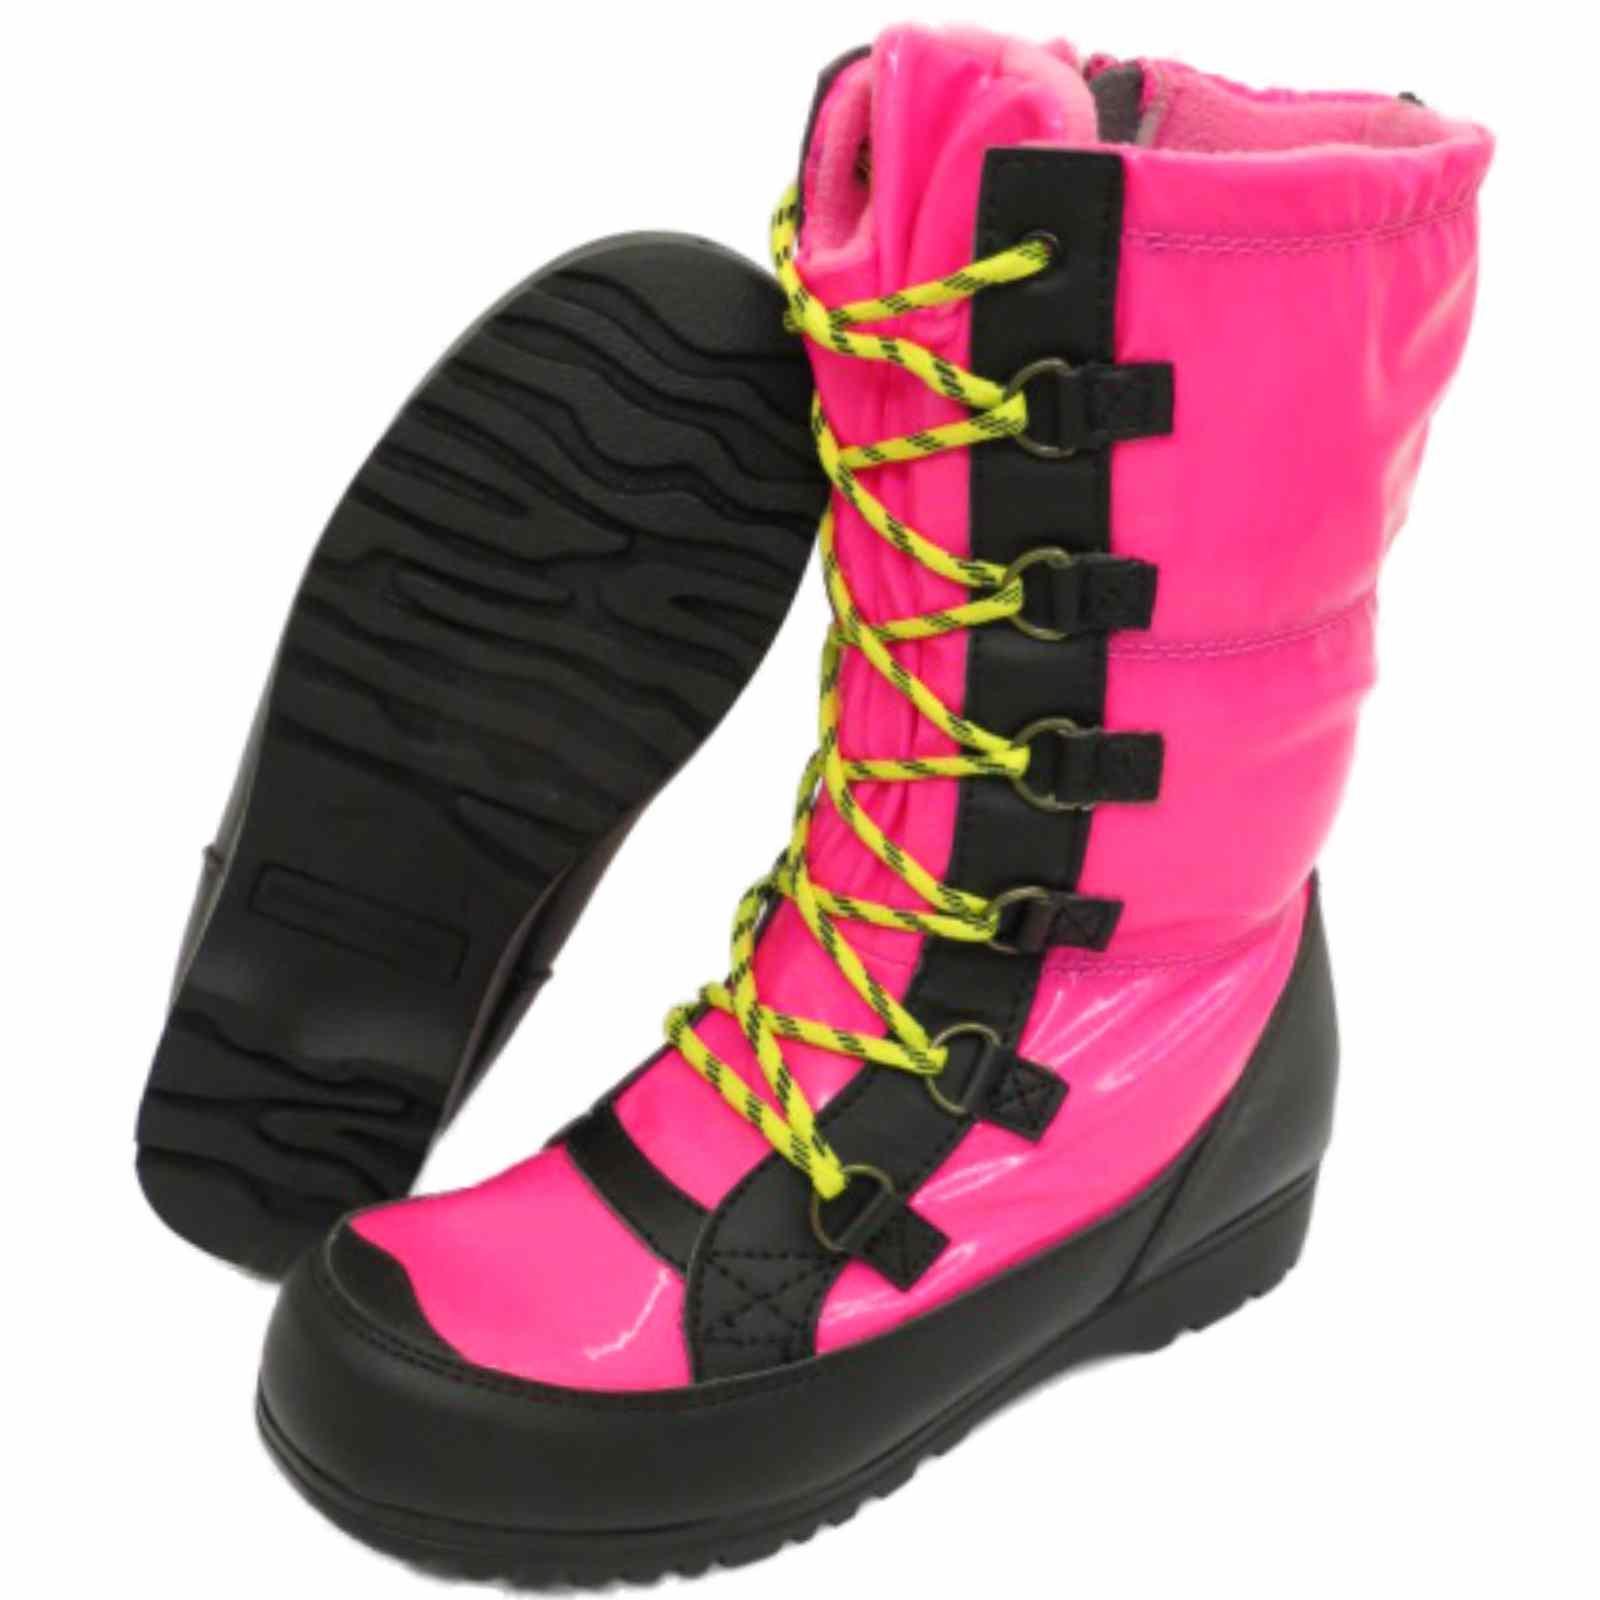 f3229687b94a Sentinel GIRLS KIDS PINK WINTER WARM ZIP ICE SNOW RAIN SKI THERMAL BOOTS UK  10-6